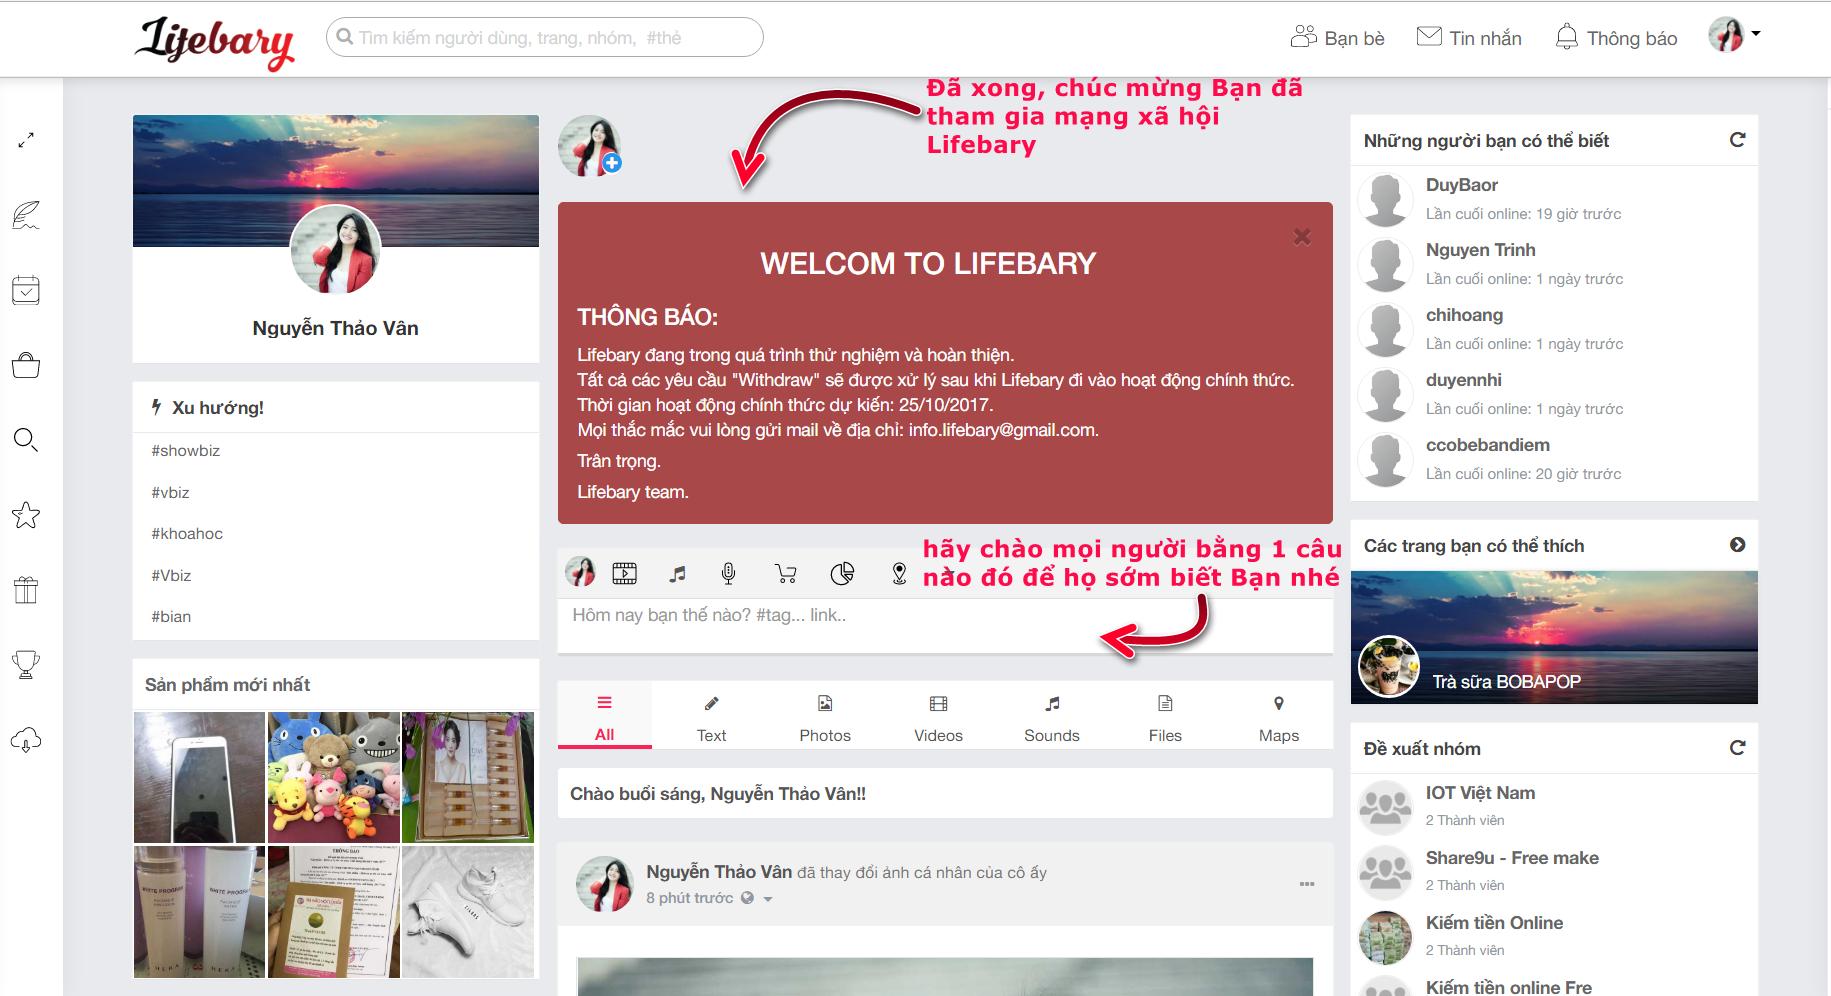 Hoàn thành đăng ký tài khoản trên Lifebary